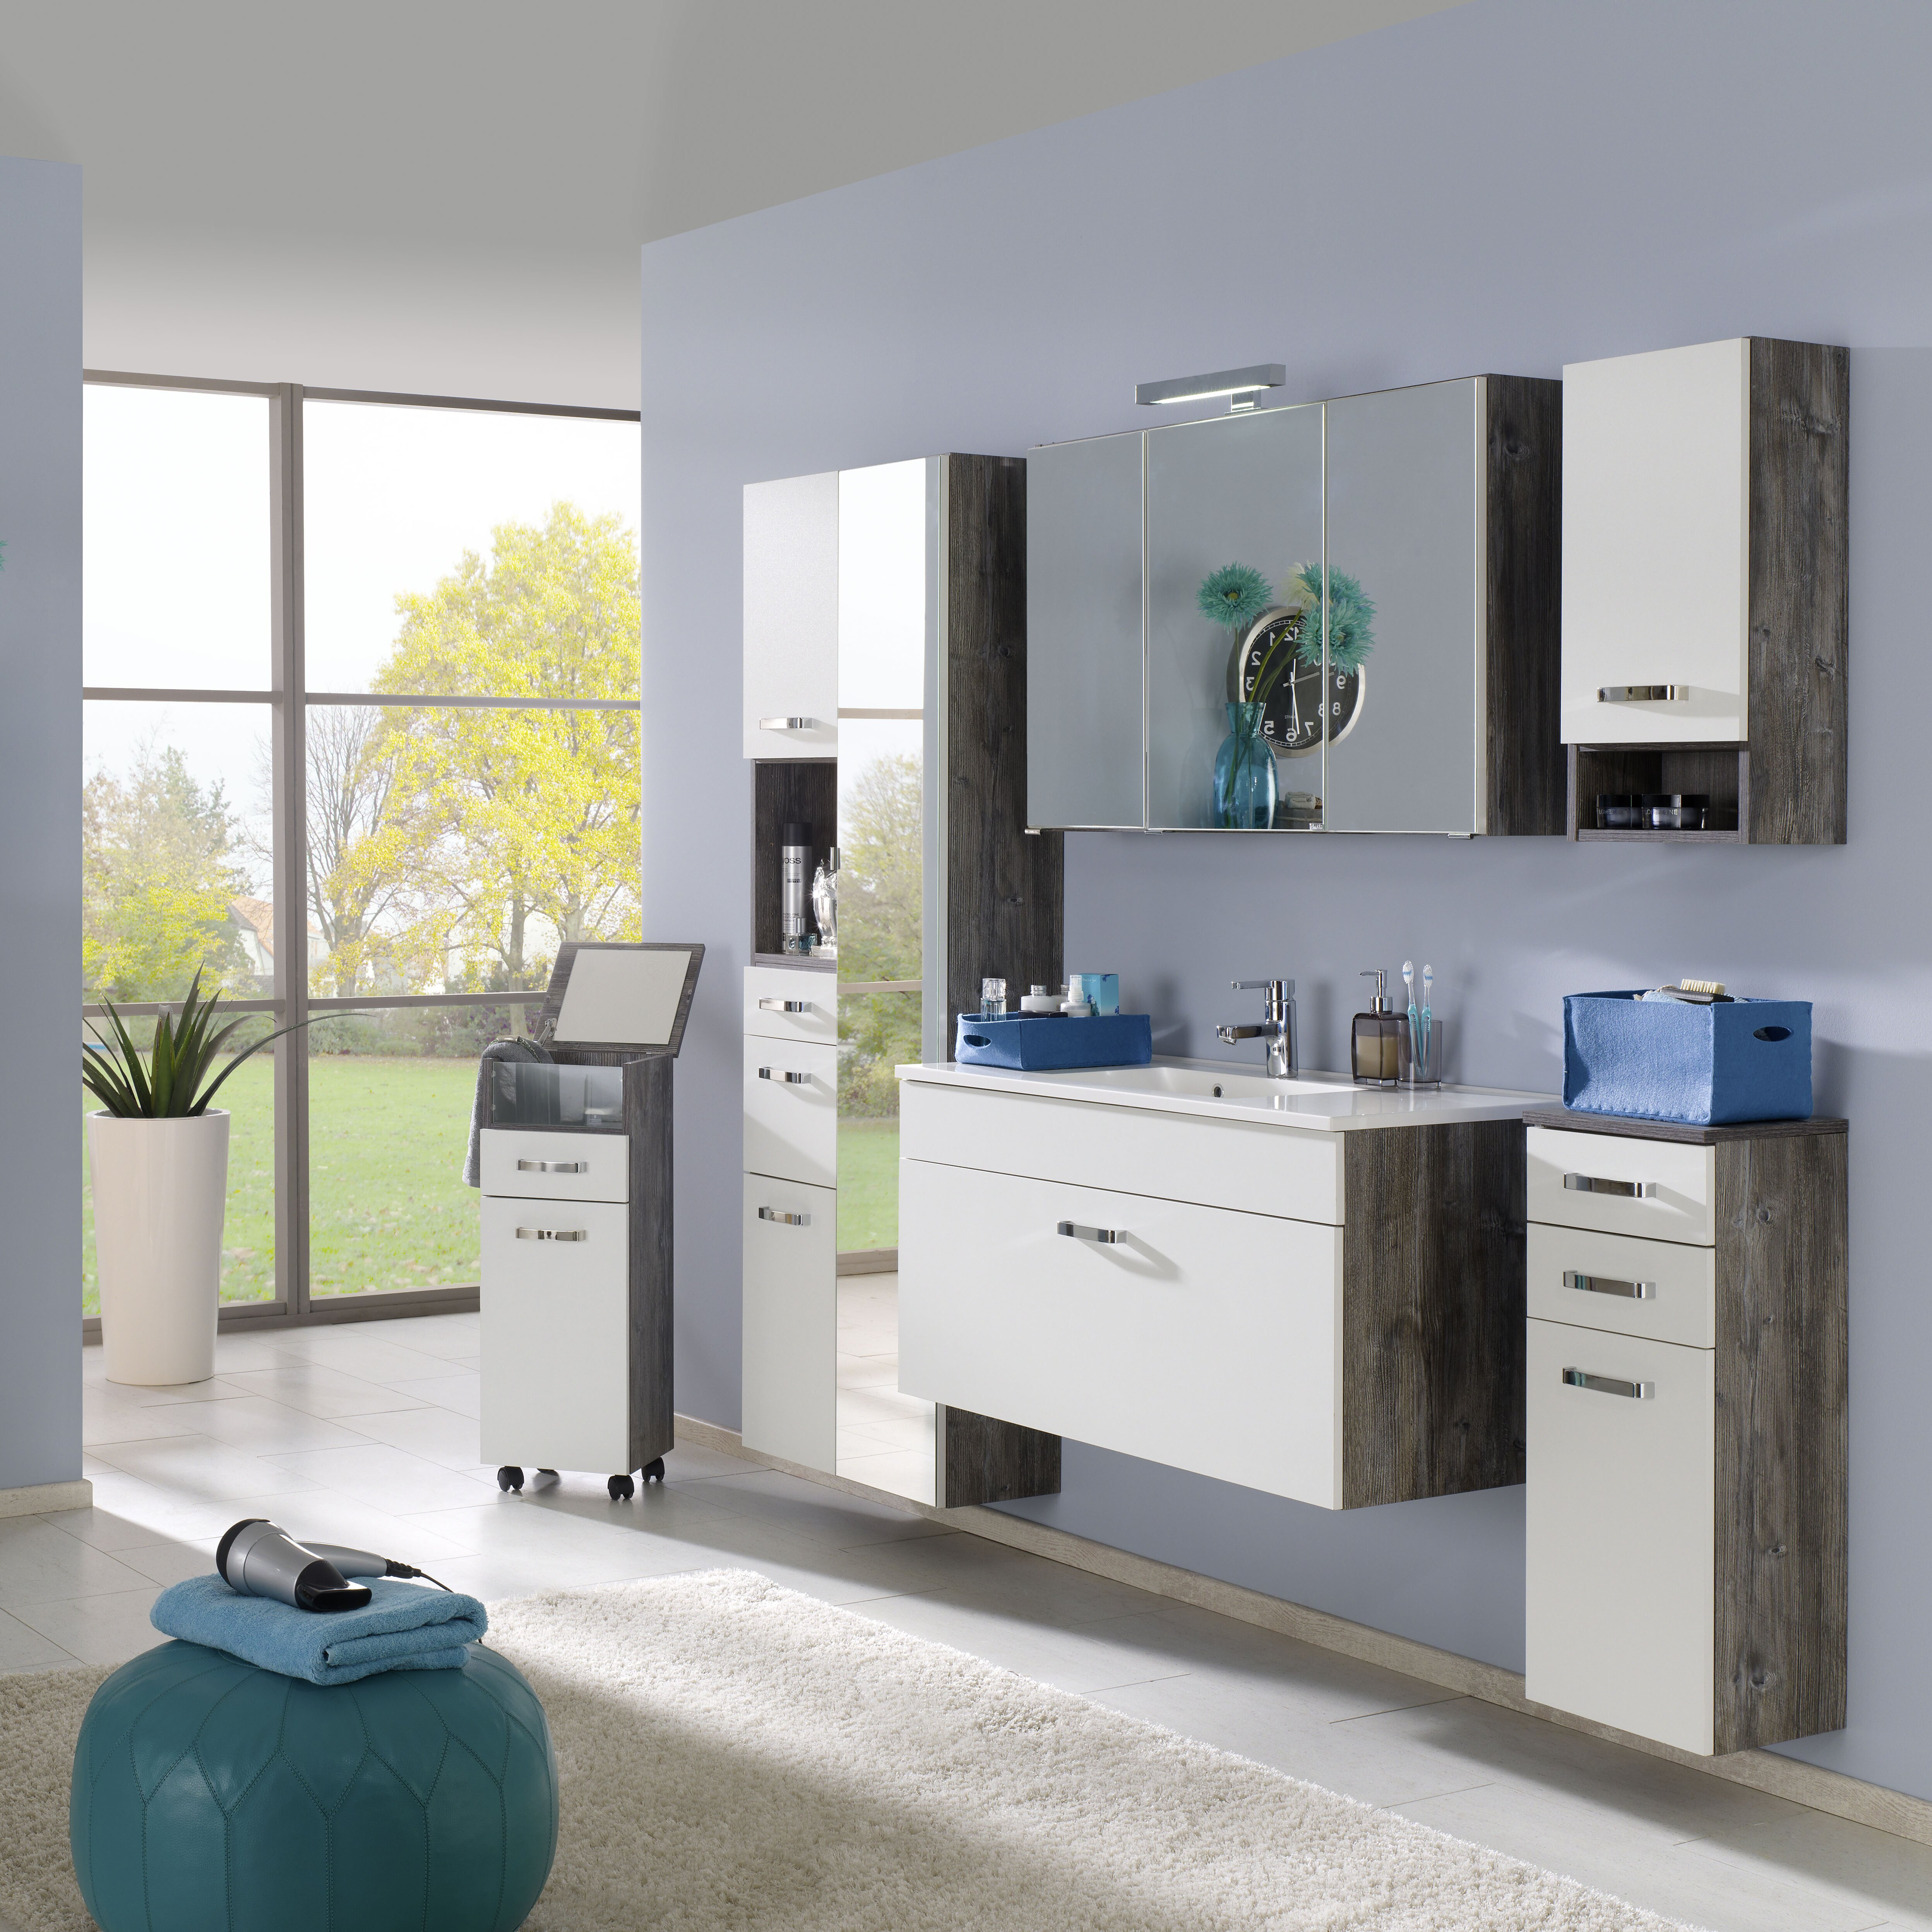 held m bel 80cm wandmontierter waschtisch capri mit. Black Bedroom Furniture Sets. Home Design Ideas